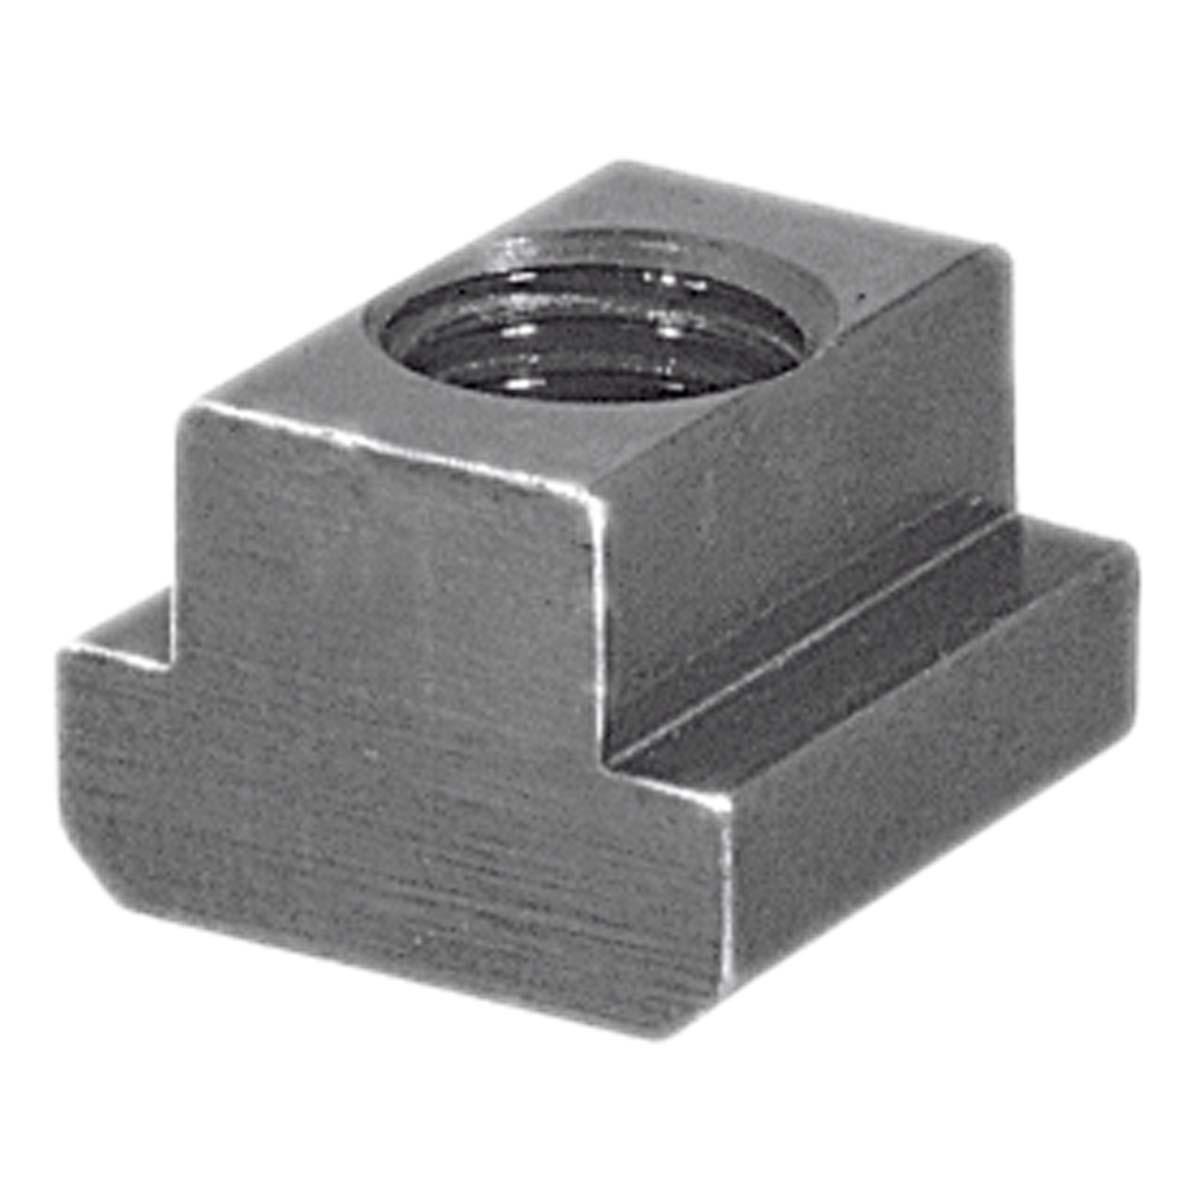 amf t nutenstein 6 mm mit gewinde m5. Black Bedroom Furniture Sets. Home Design Ideas